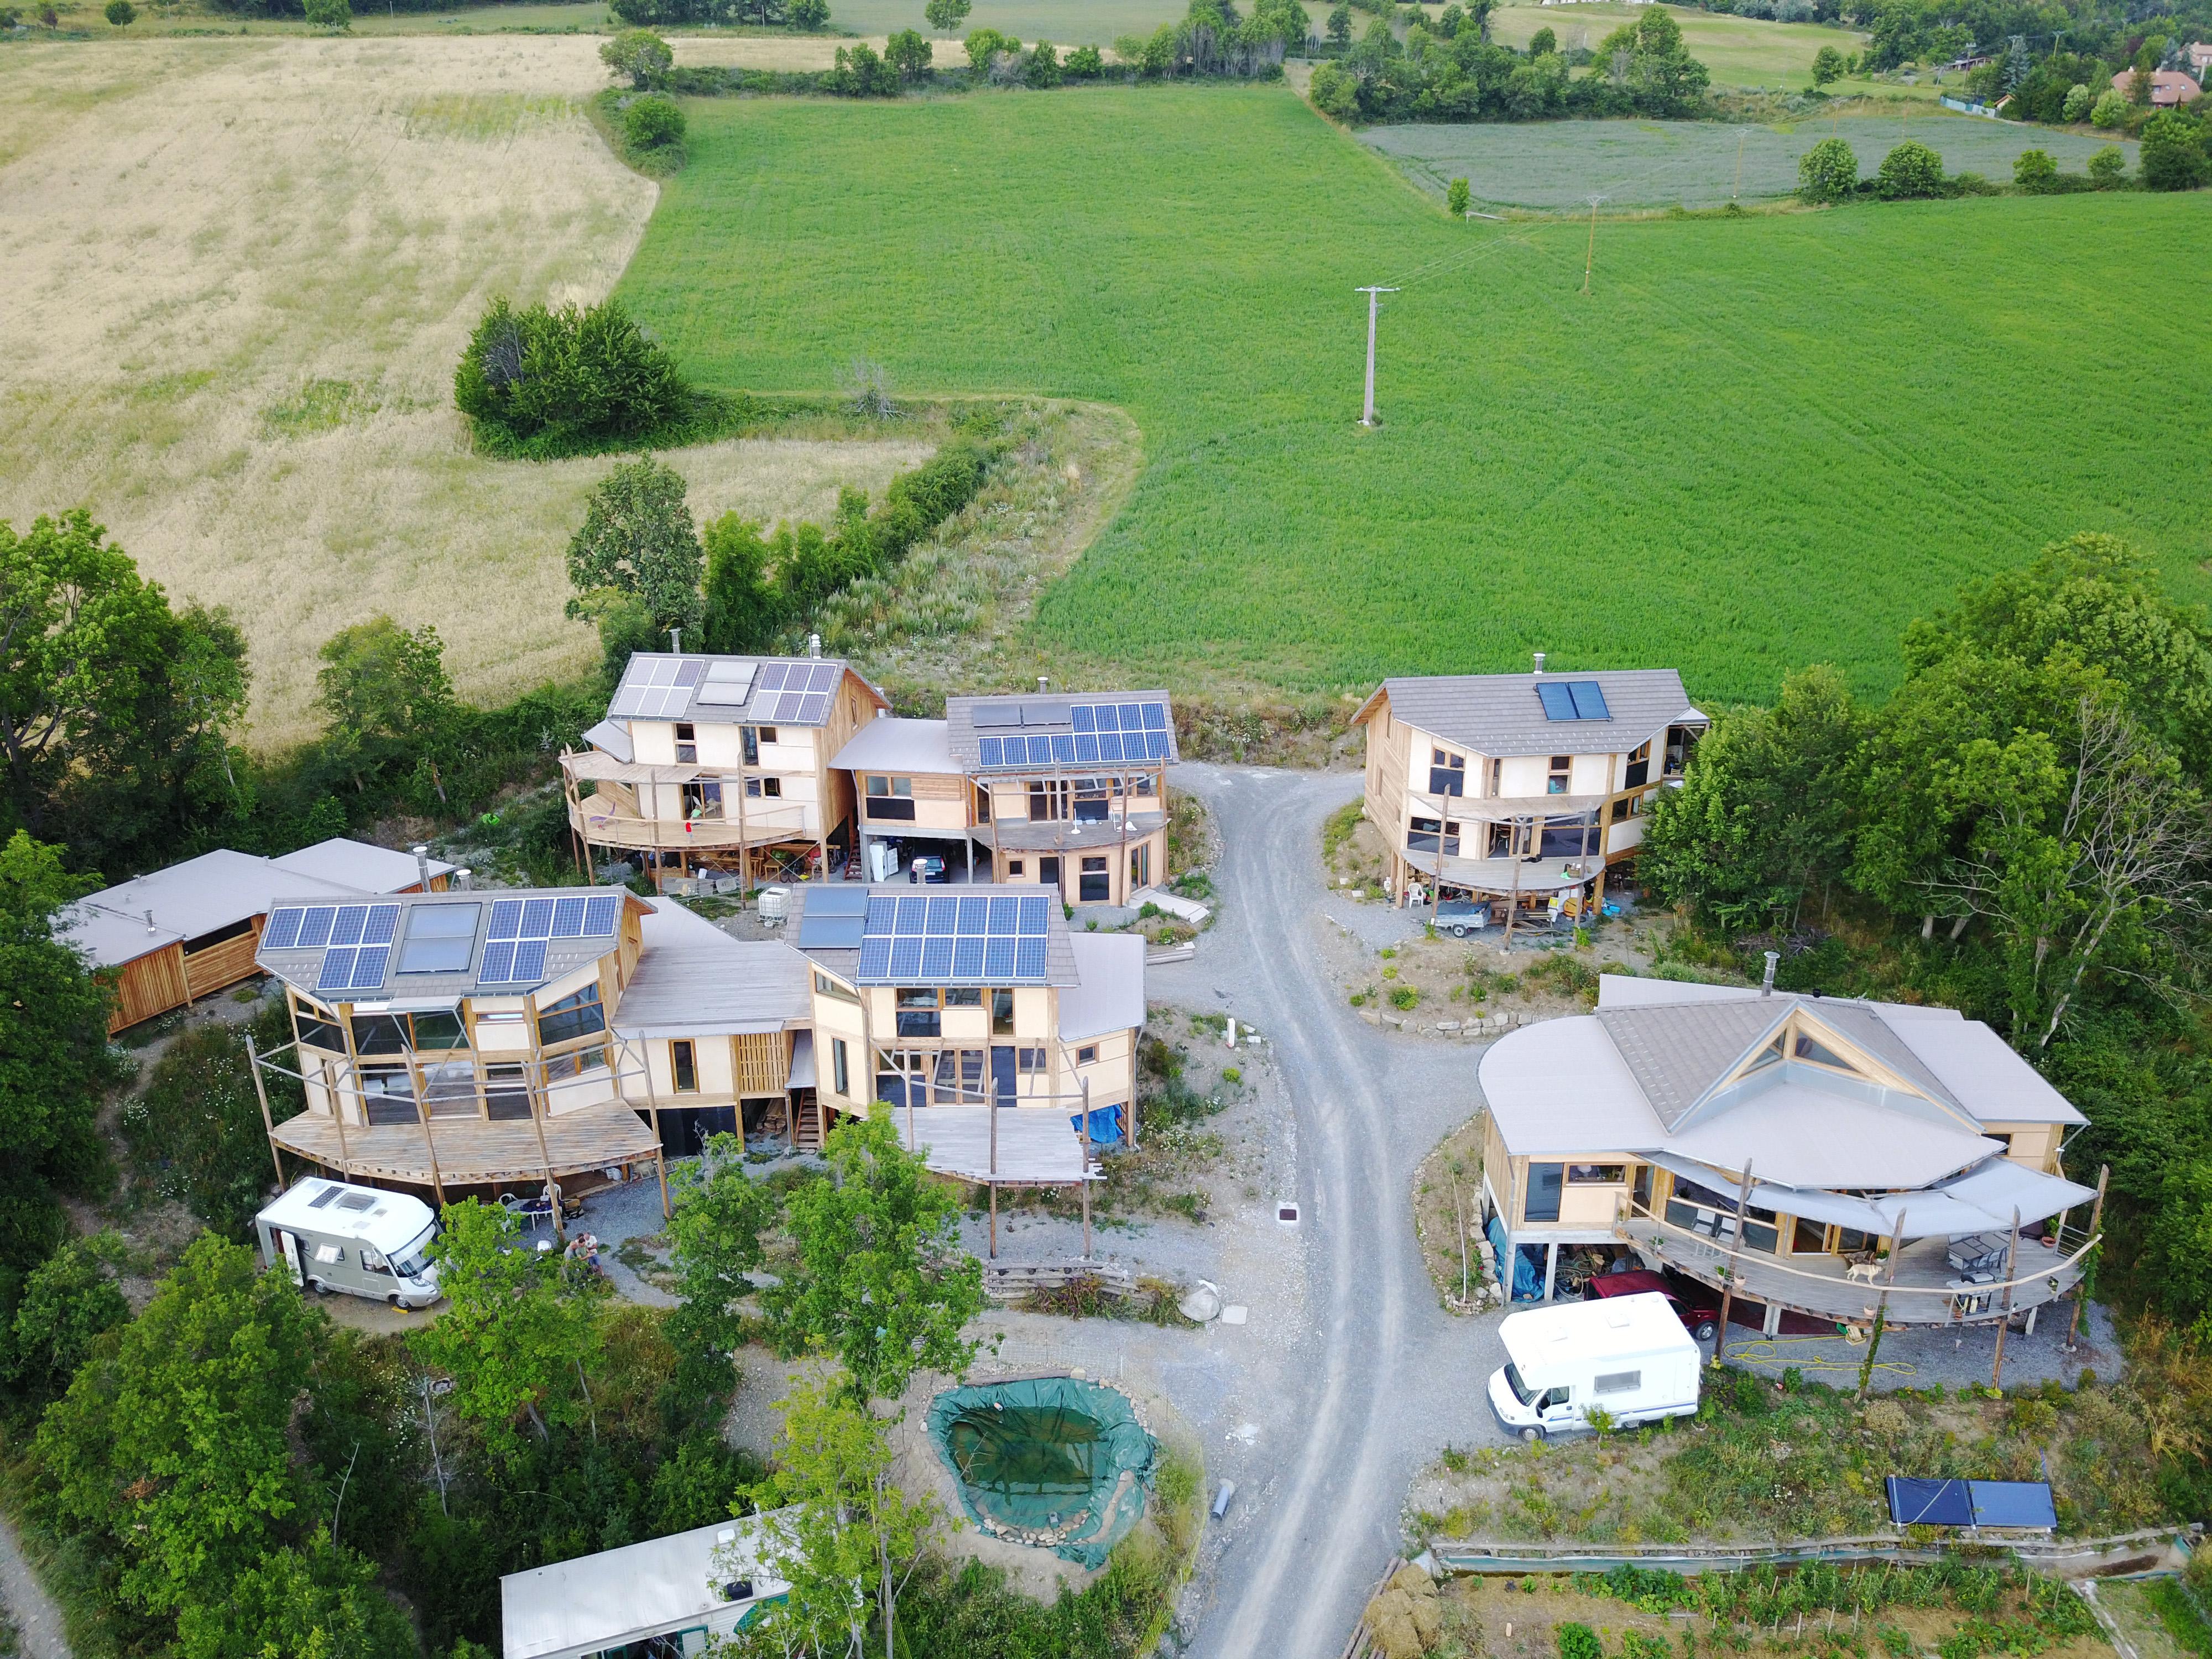 Habitats groupés Les Allouviers – Romette – 2017 – 716 m2